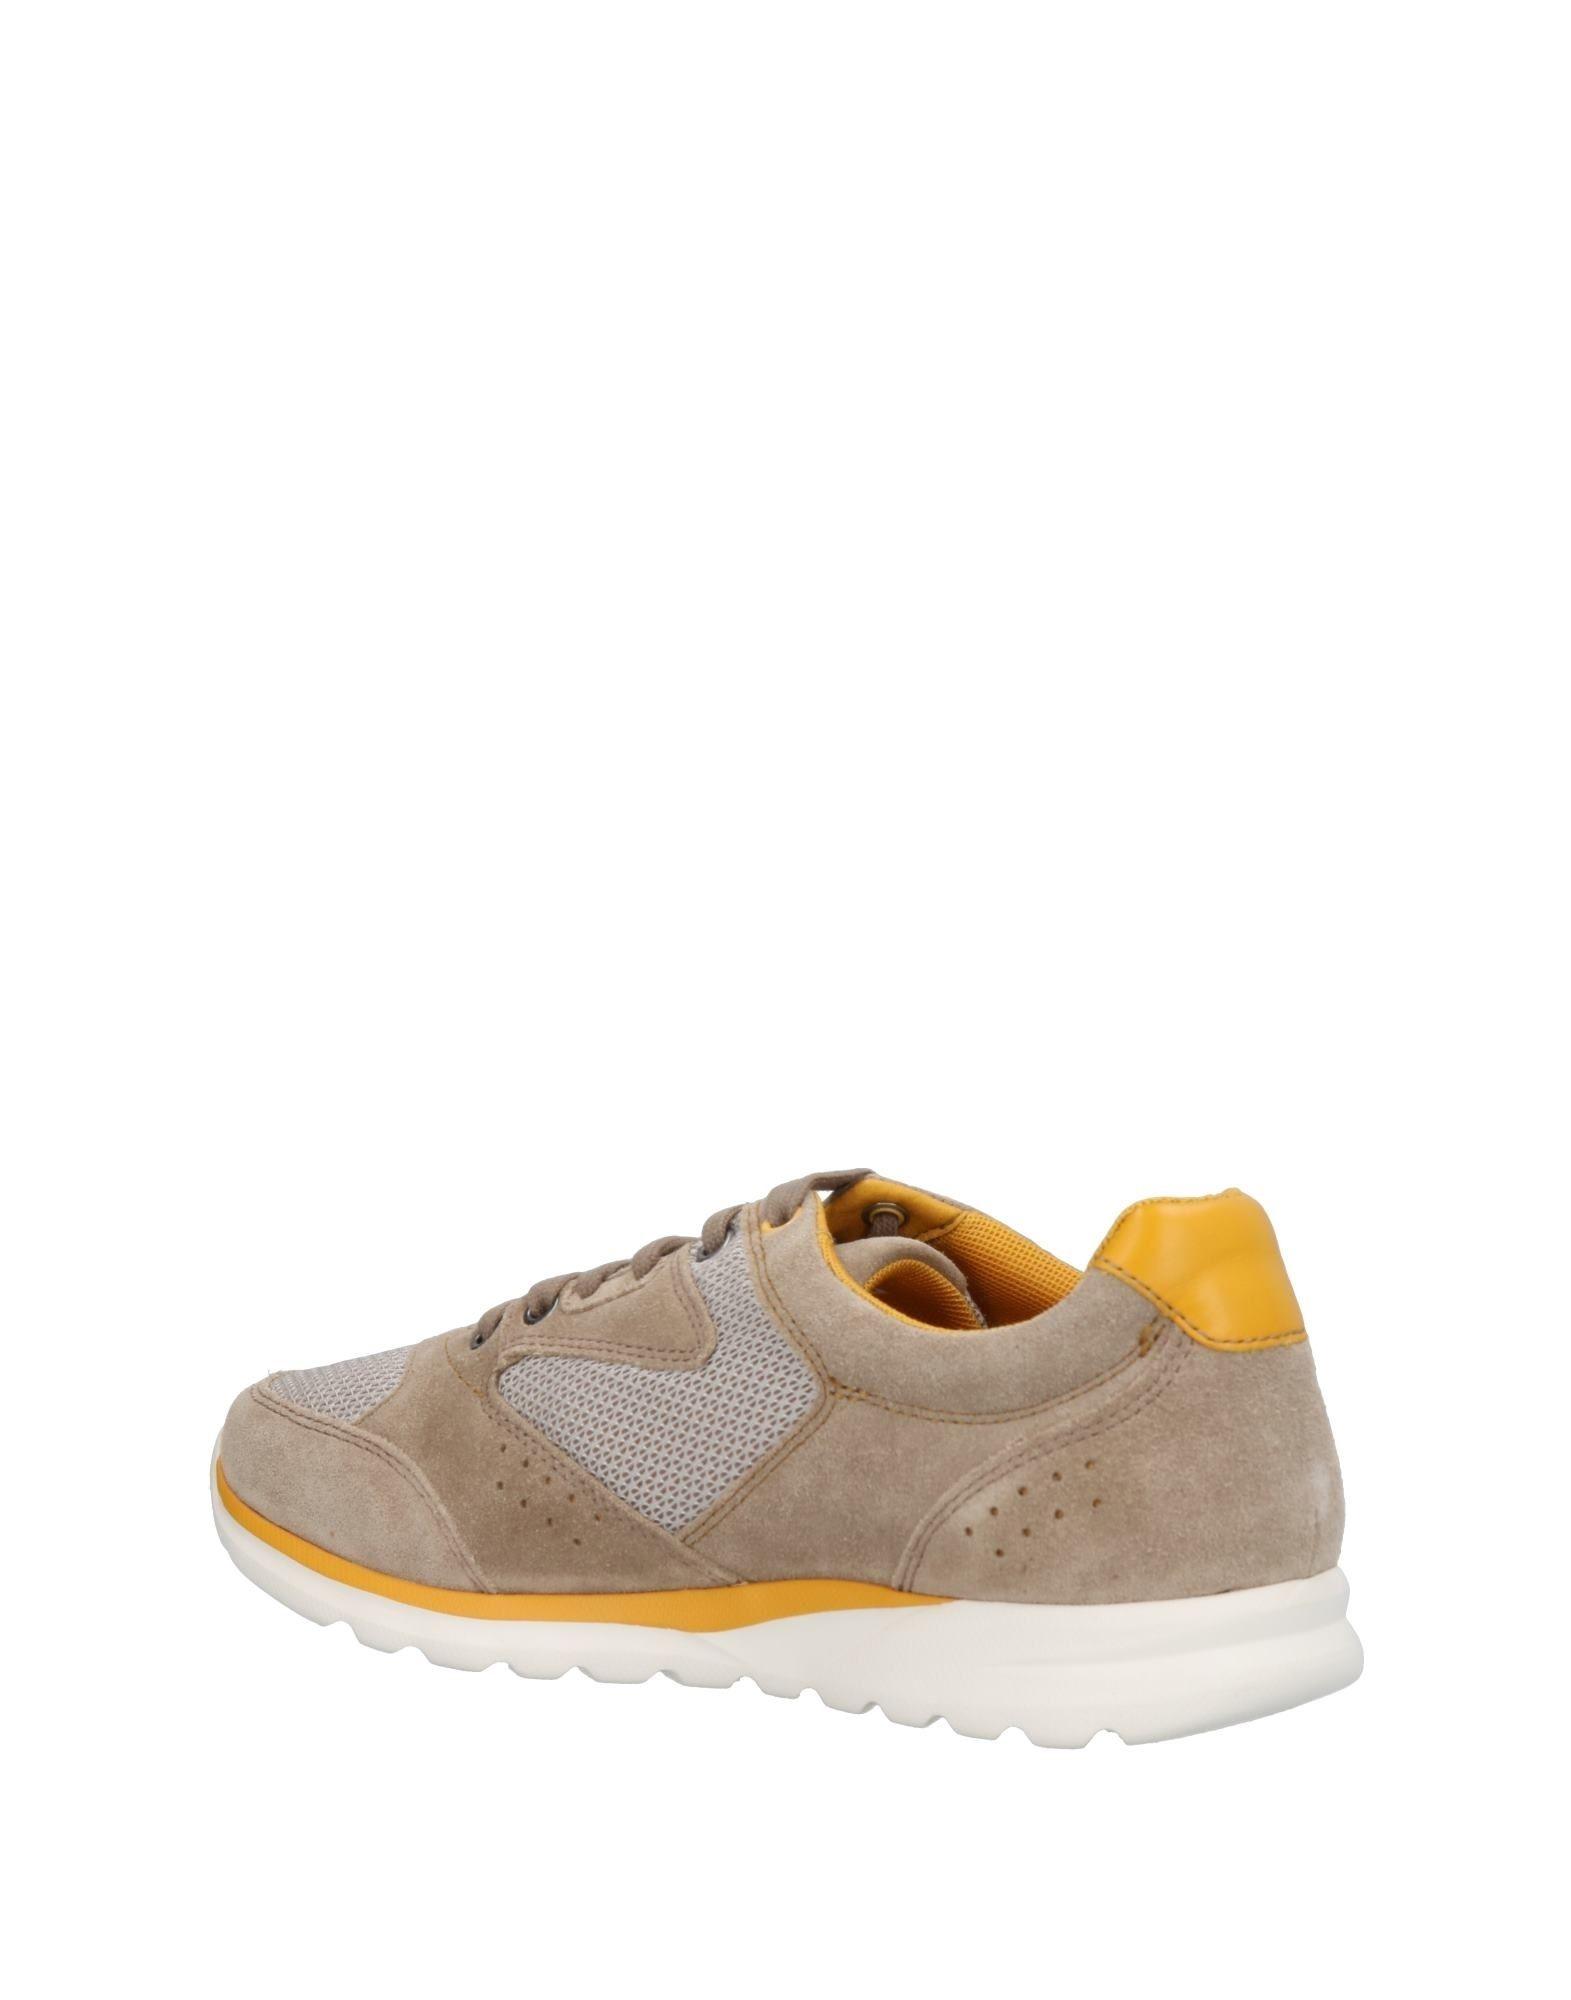 Geox Sneakers Herren    11414681CG Heiße Schuhe b61c10